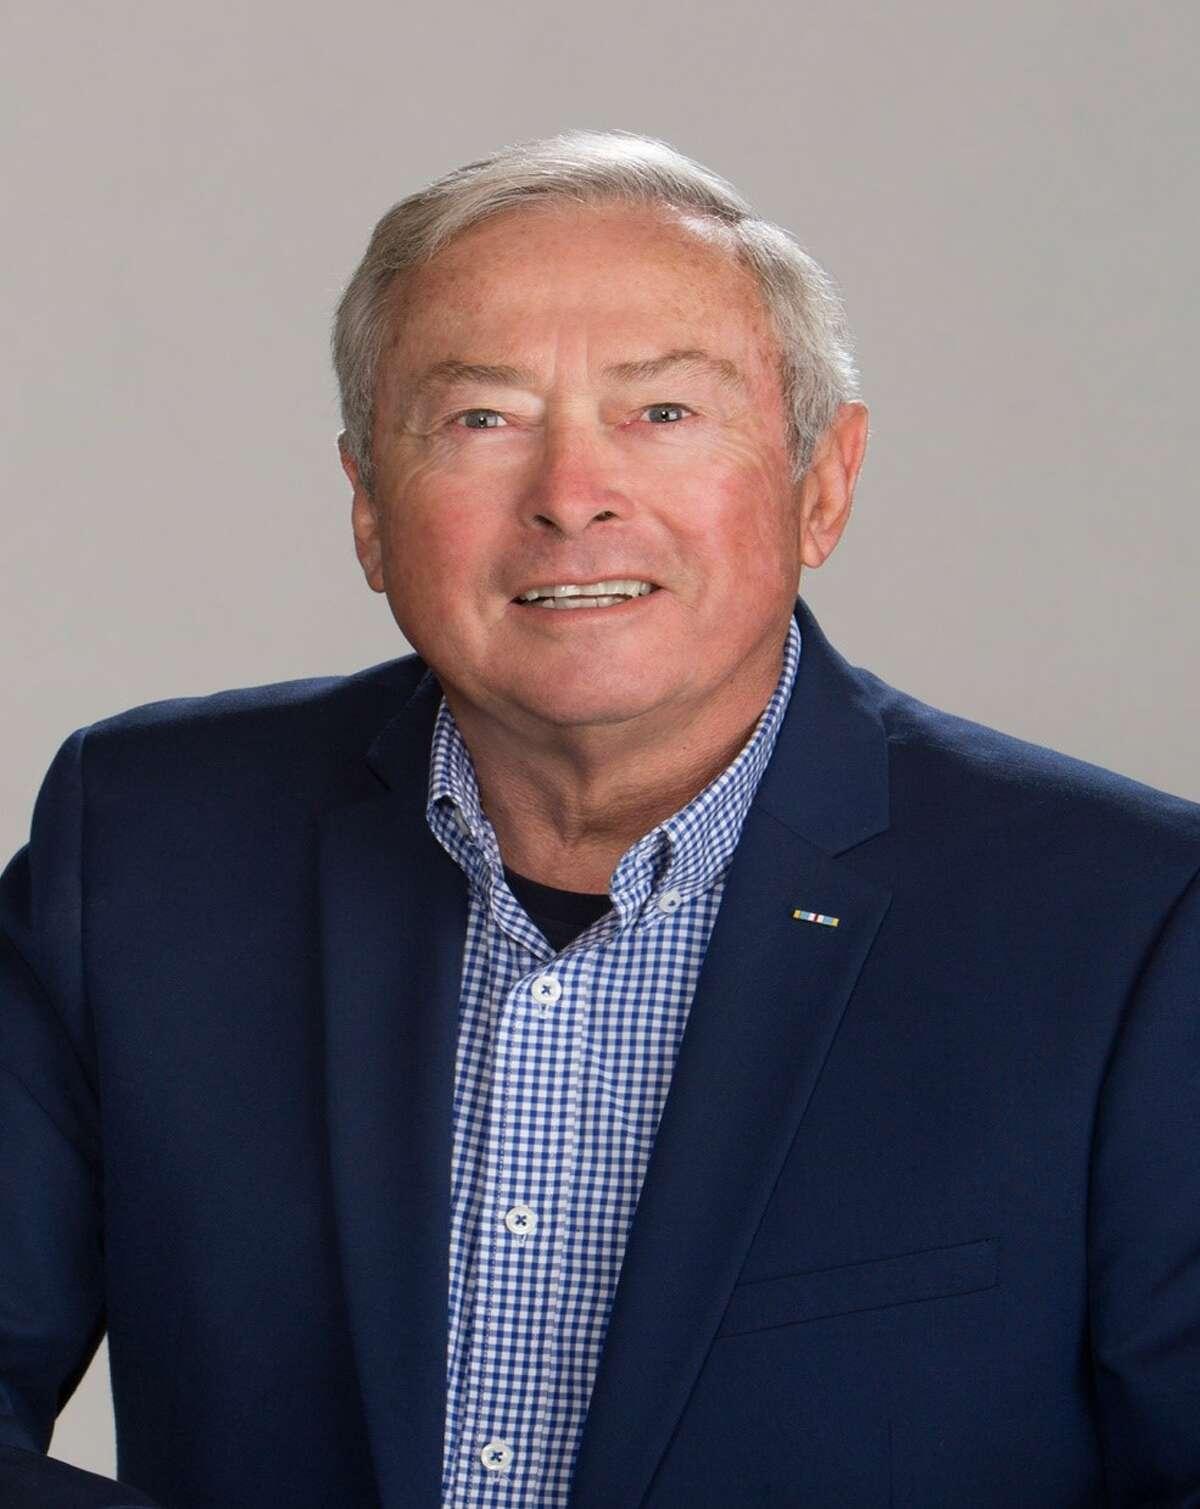 John Wemlinger